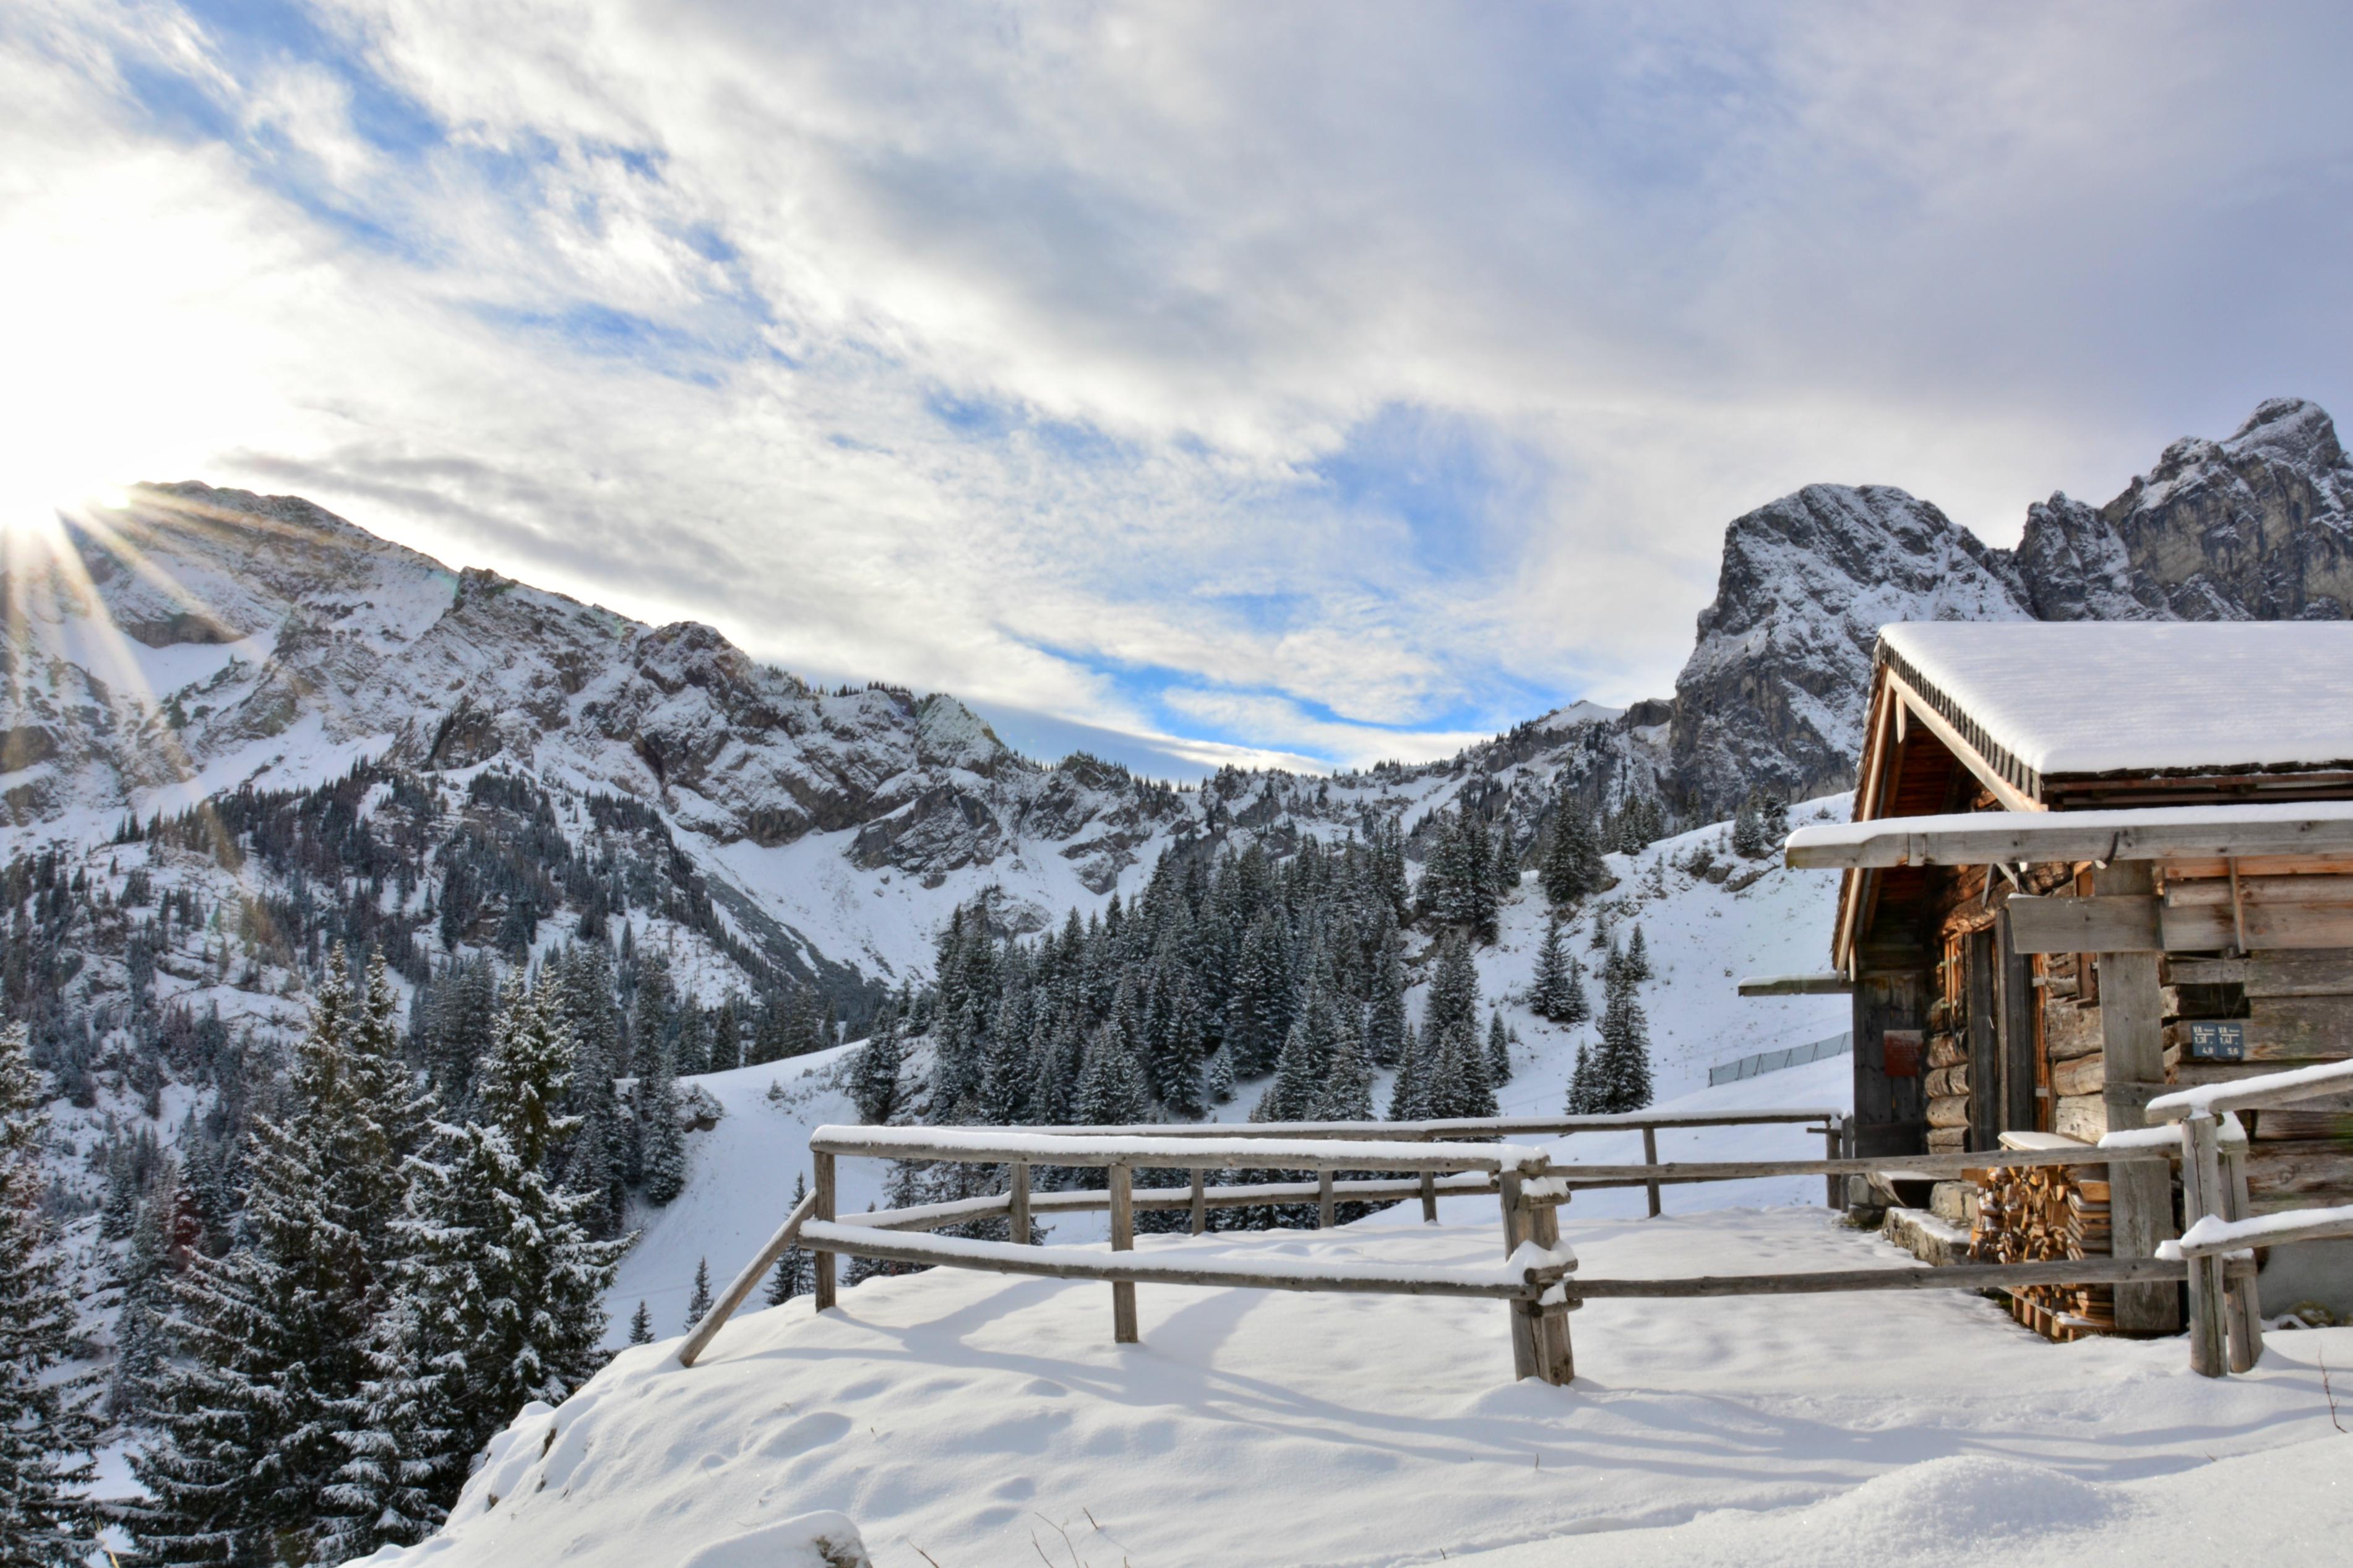 W0229_Bergwachthütte_auf_dem_Breitenberg_in_der_Morgensonne.jpg